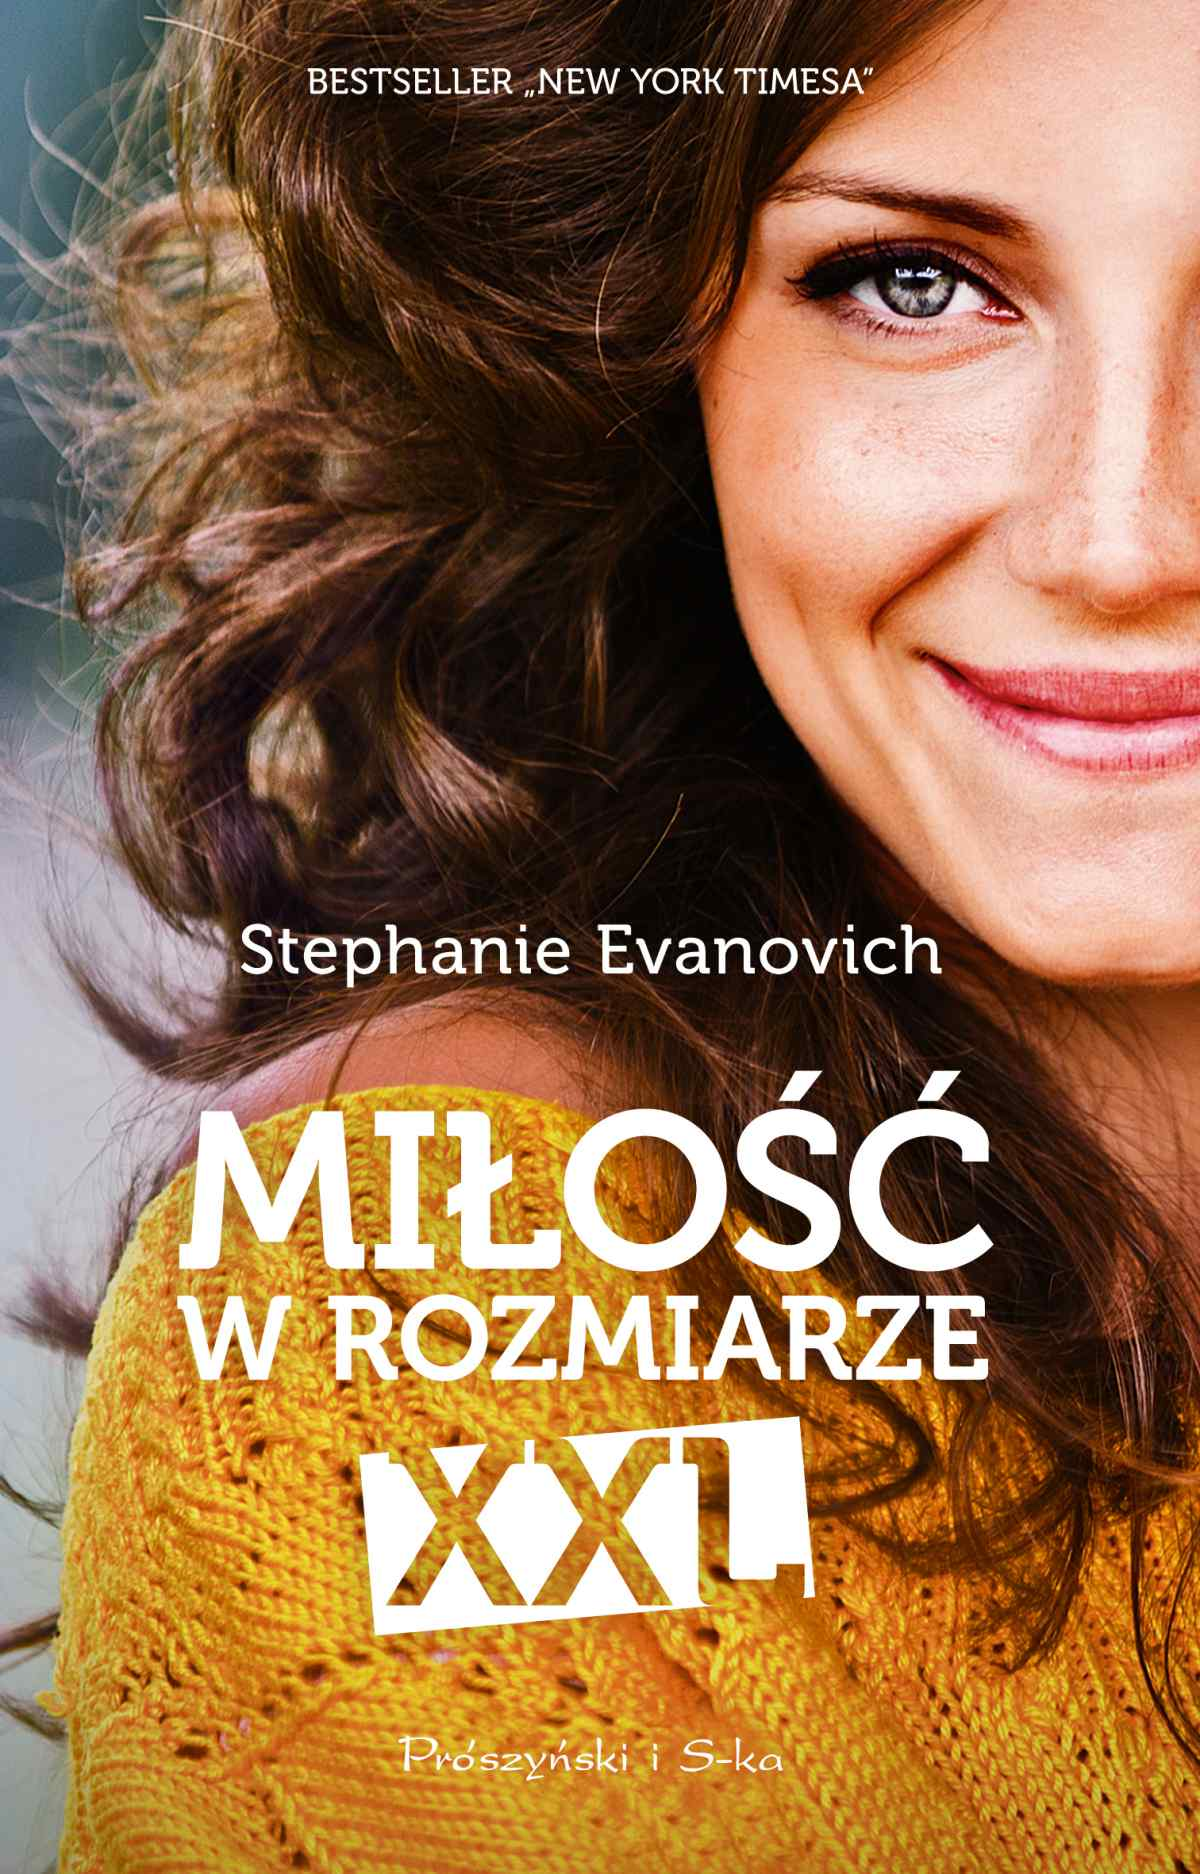 Miłość w rozmiarze XXL - Ebook (Książka na Kindle) do pobrania w formacie MOBI